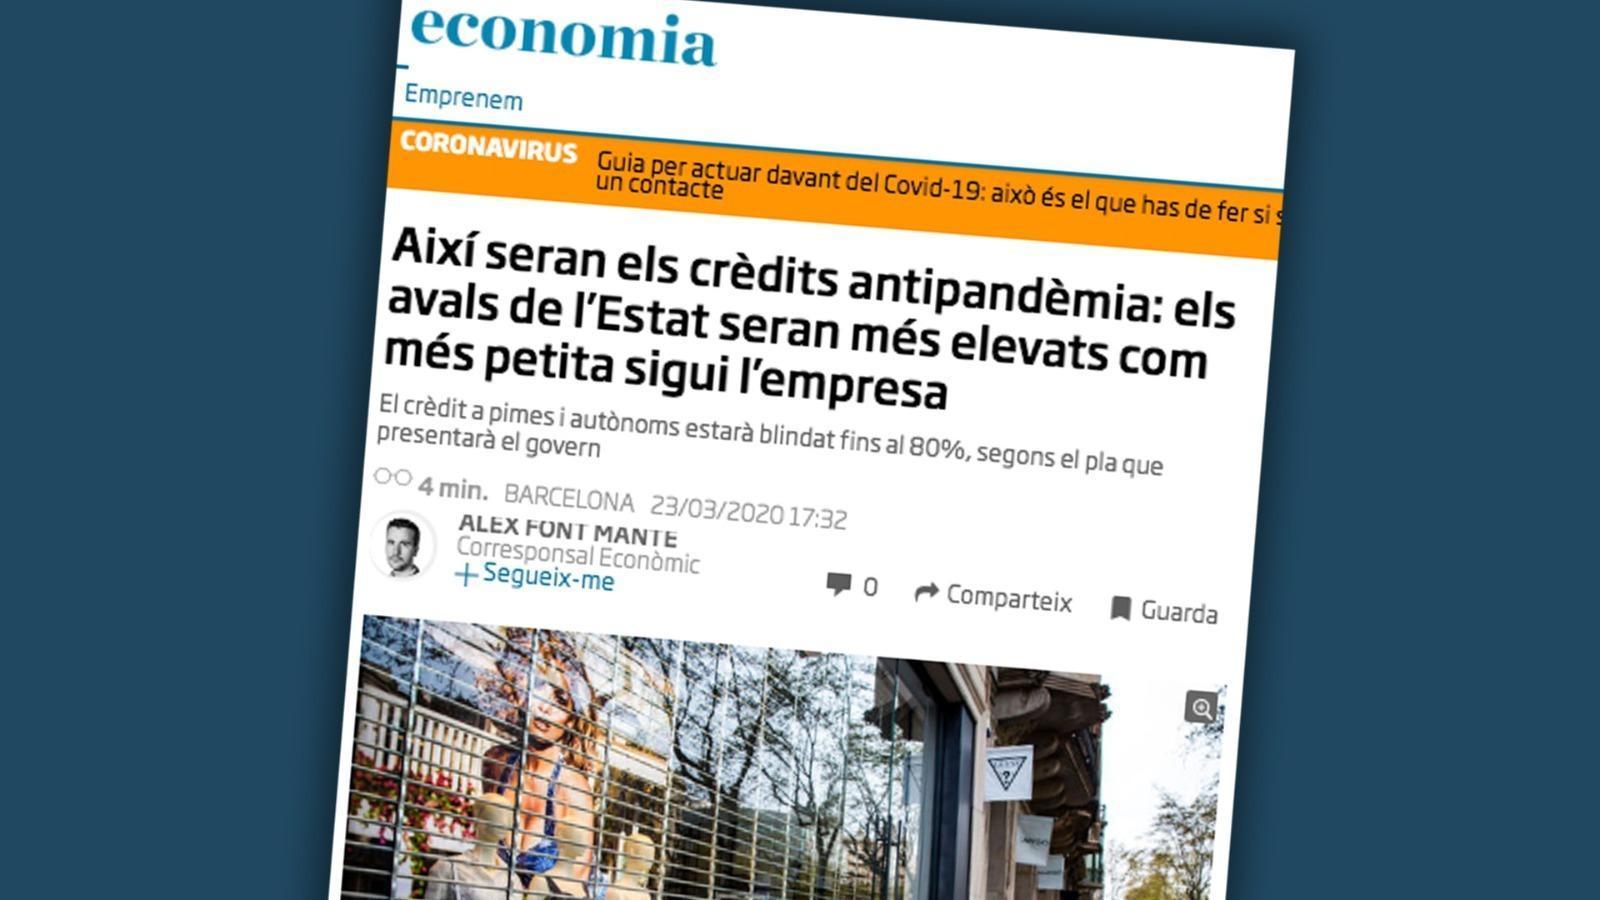 Com seran els crèdits a autònoms i pimes: les claus del vespre amb Antoni Bassas (23-03-2020)